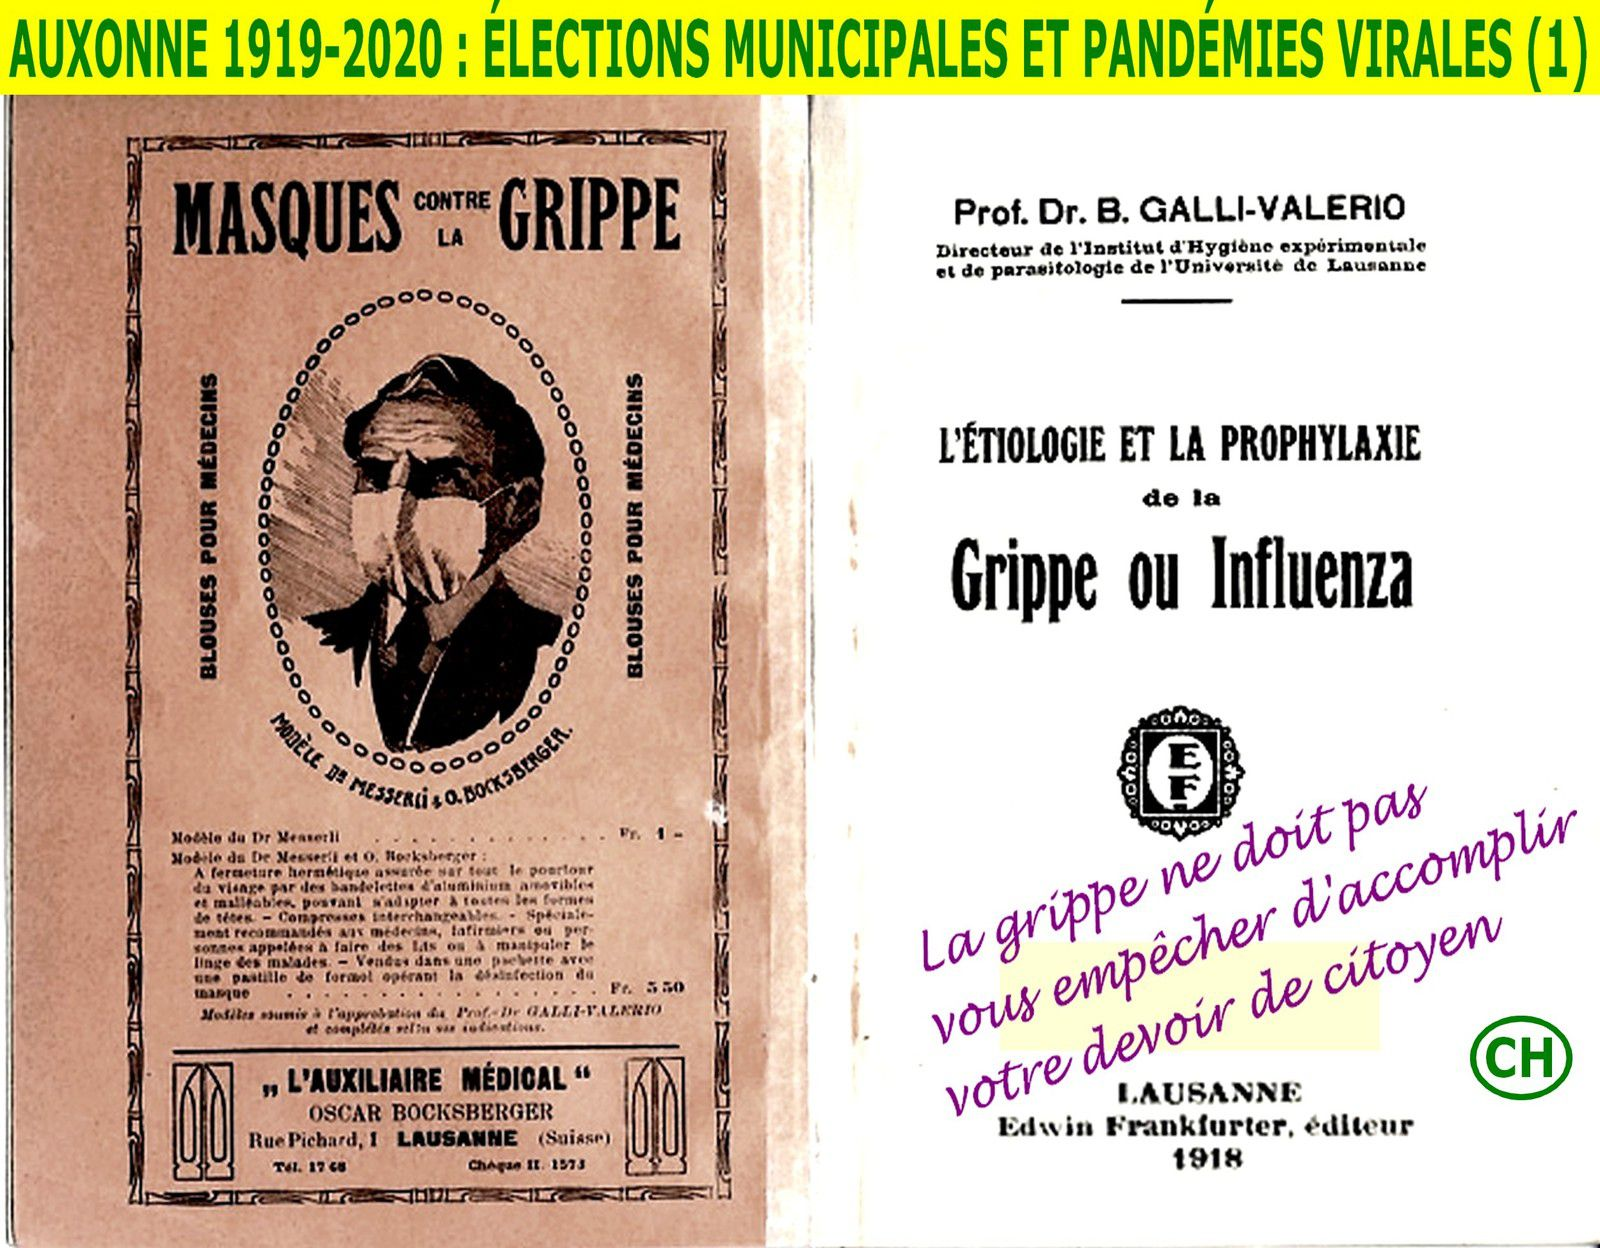 Auxonne 1919-2020, élections municipales et  pandémies virales (1).jpg